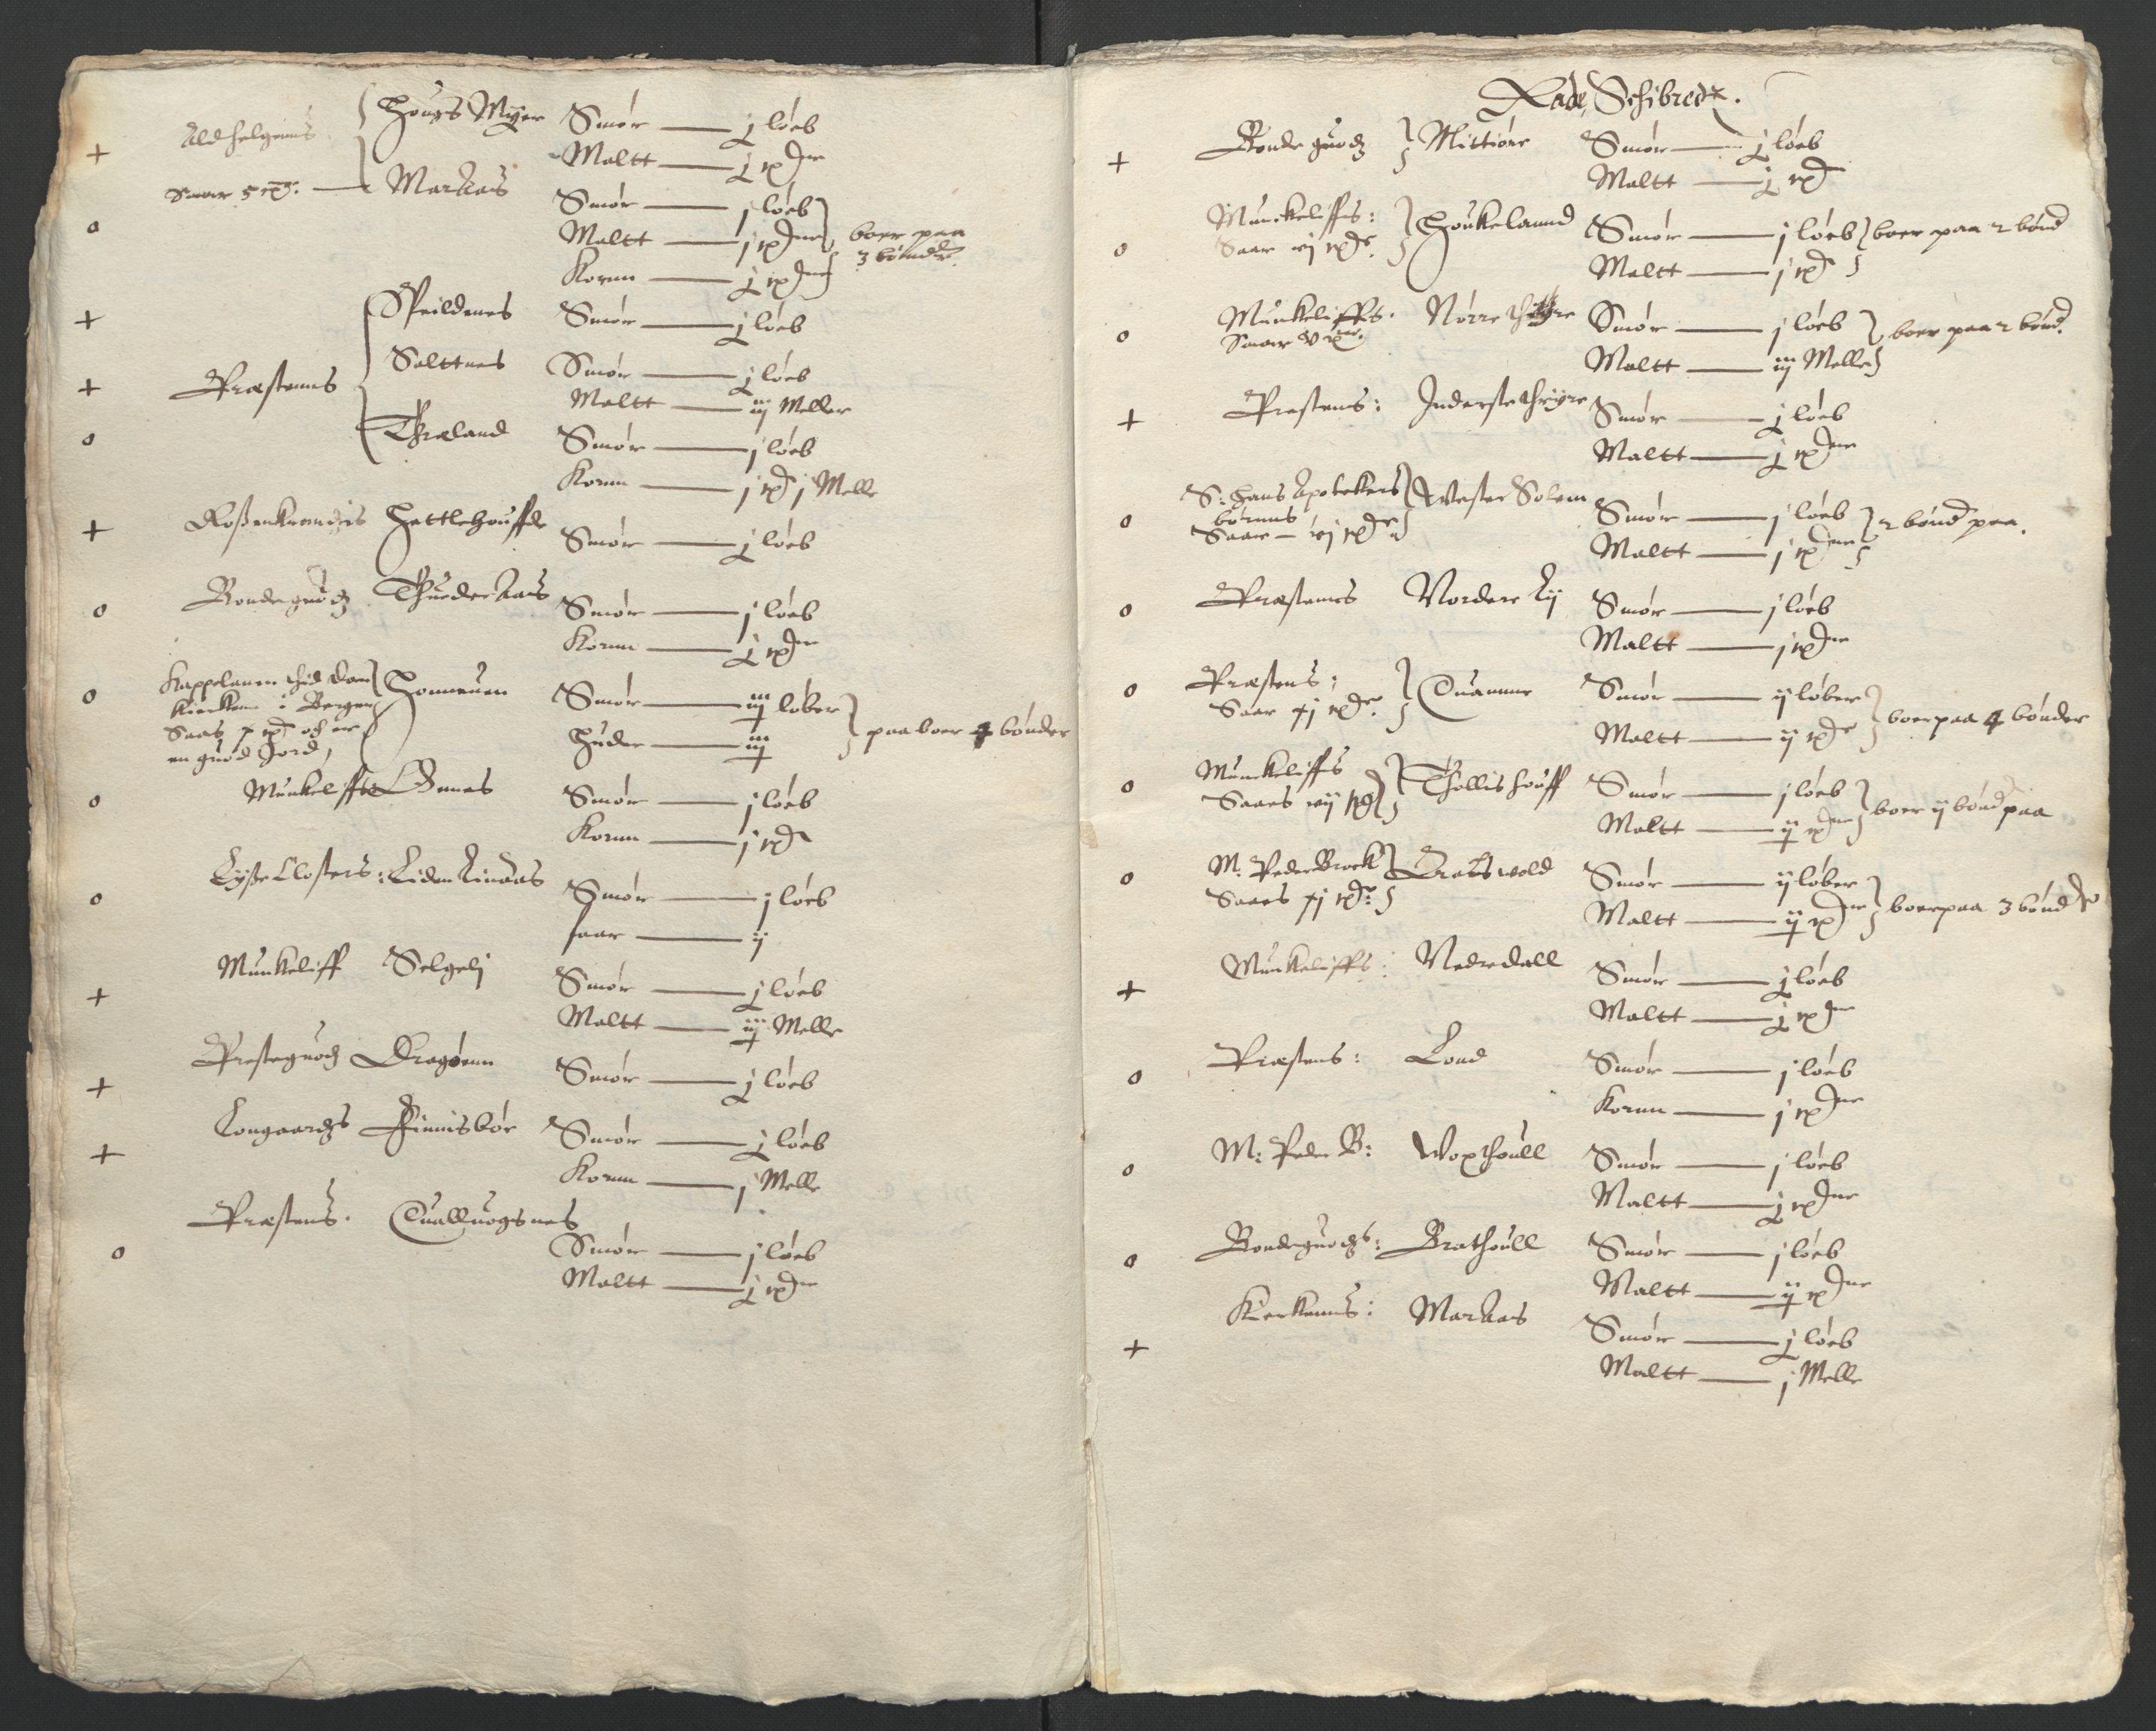 RA, Stattholderembetet 1572-1771, Ek/L0004: Jordebøker til utlikning av garnisonsskatt 1624-1626:, 1626, s. 146